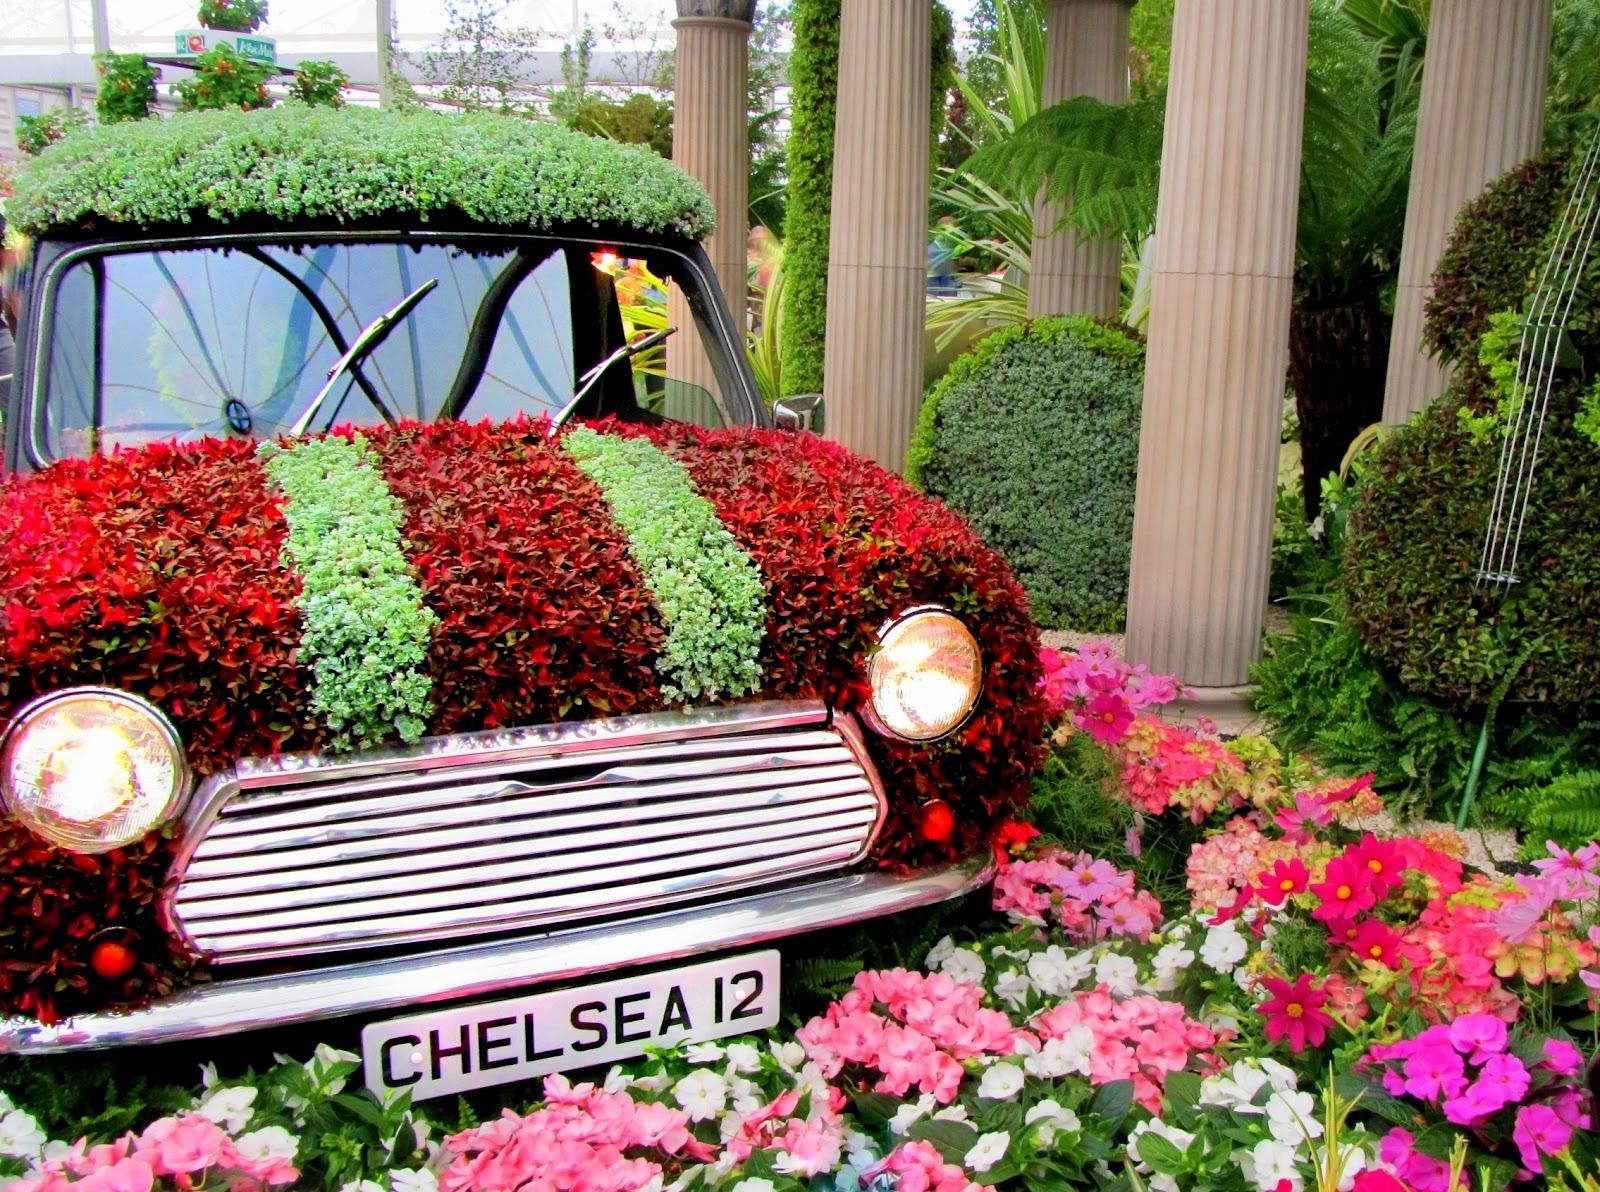 AutomobileFlowerSculpture.jpg